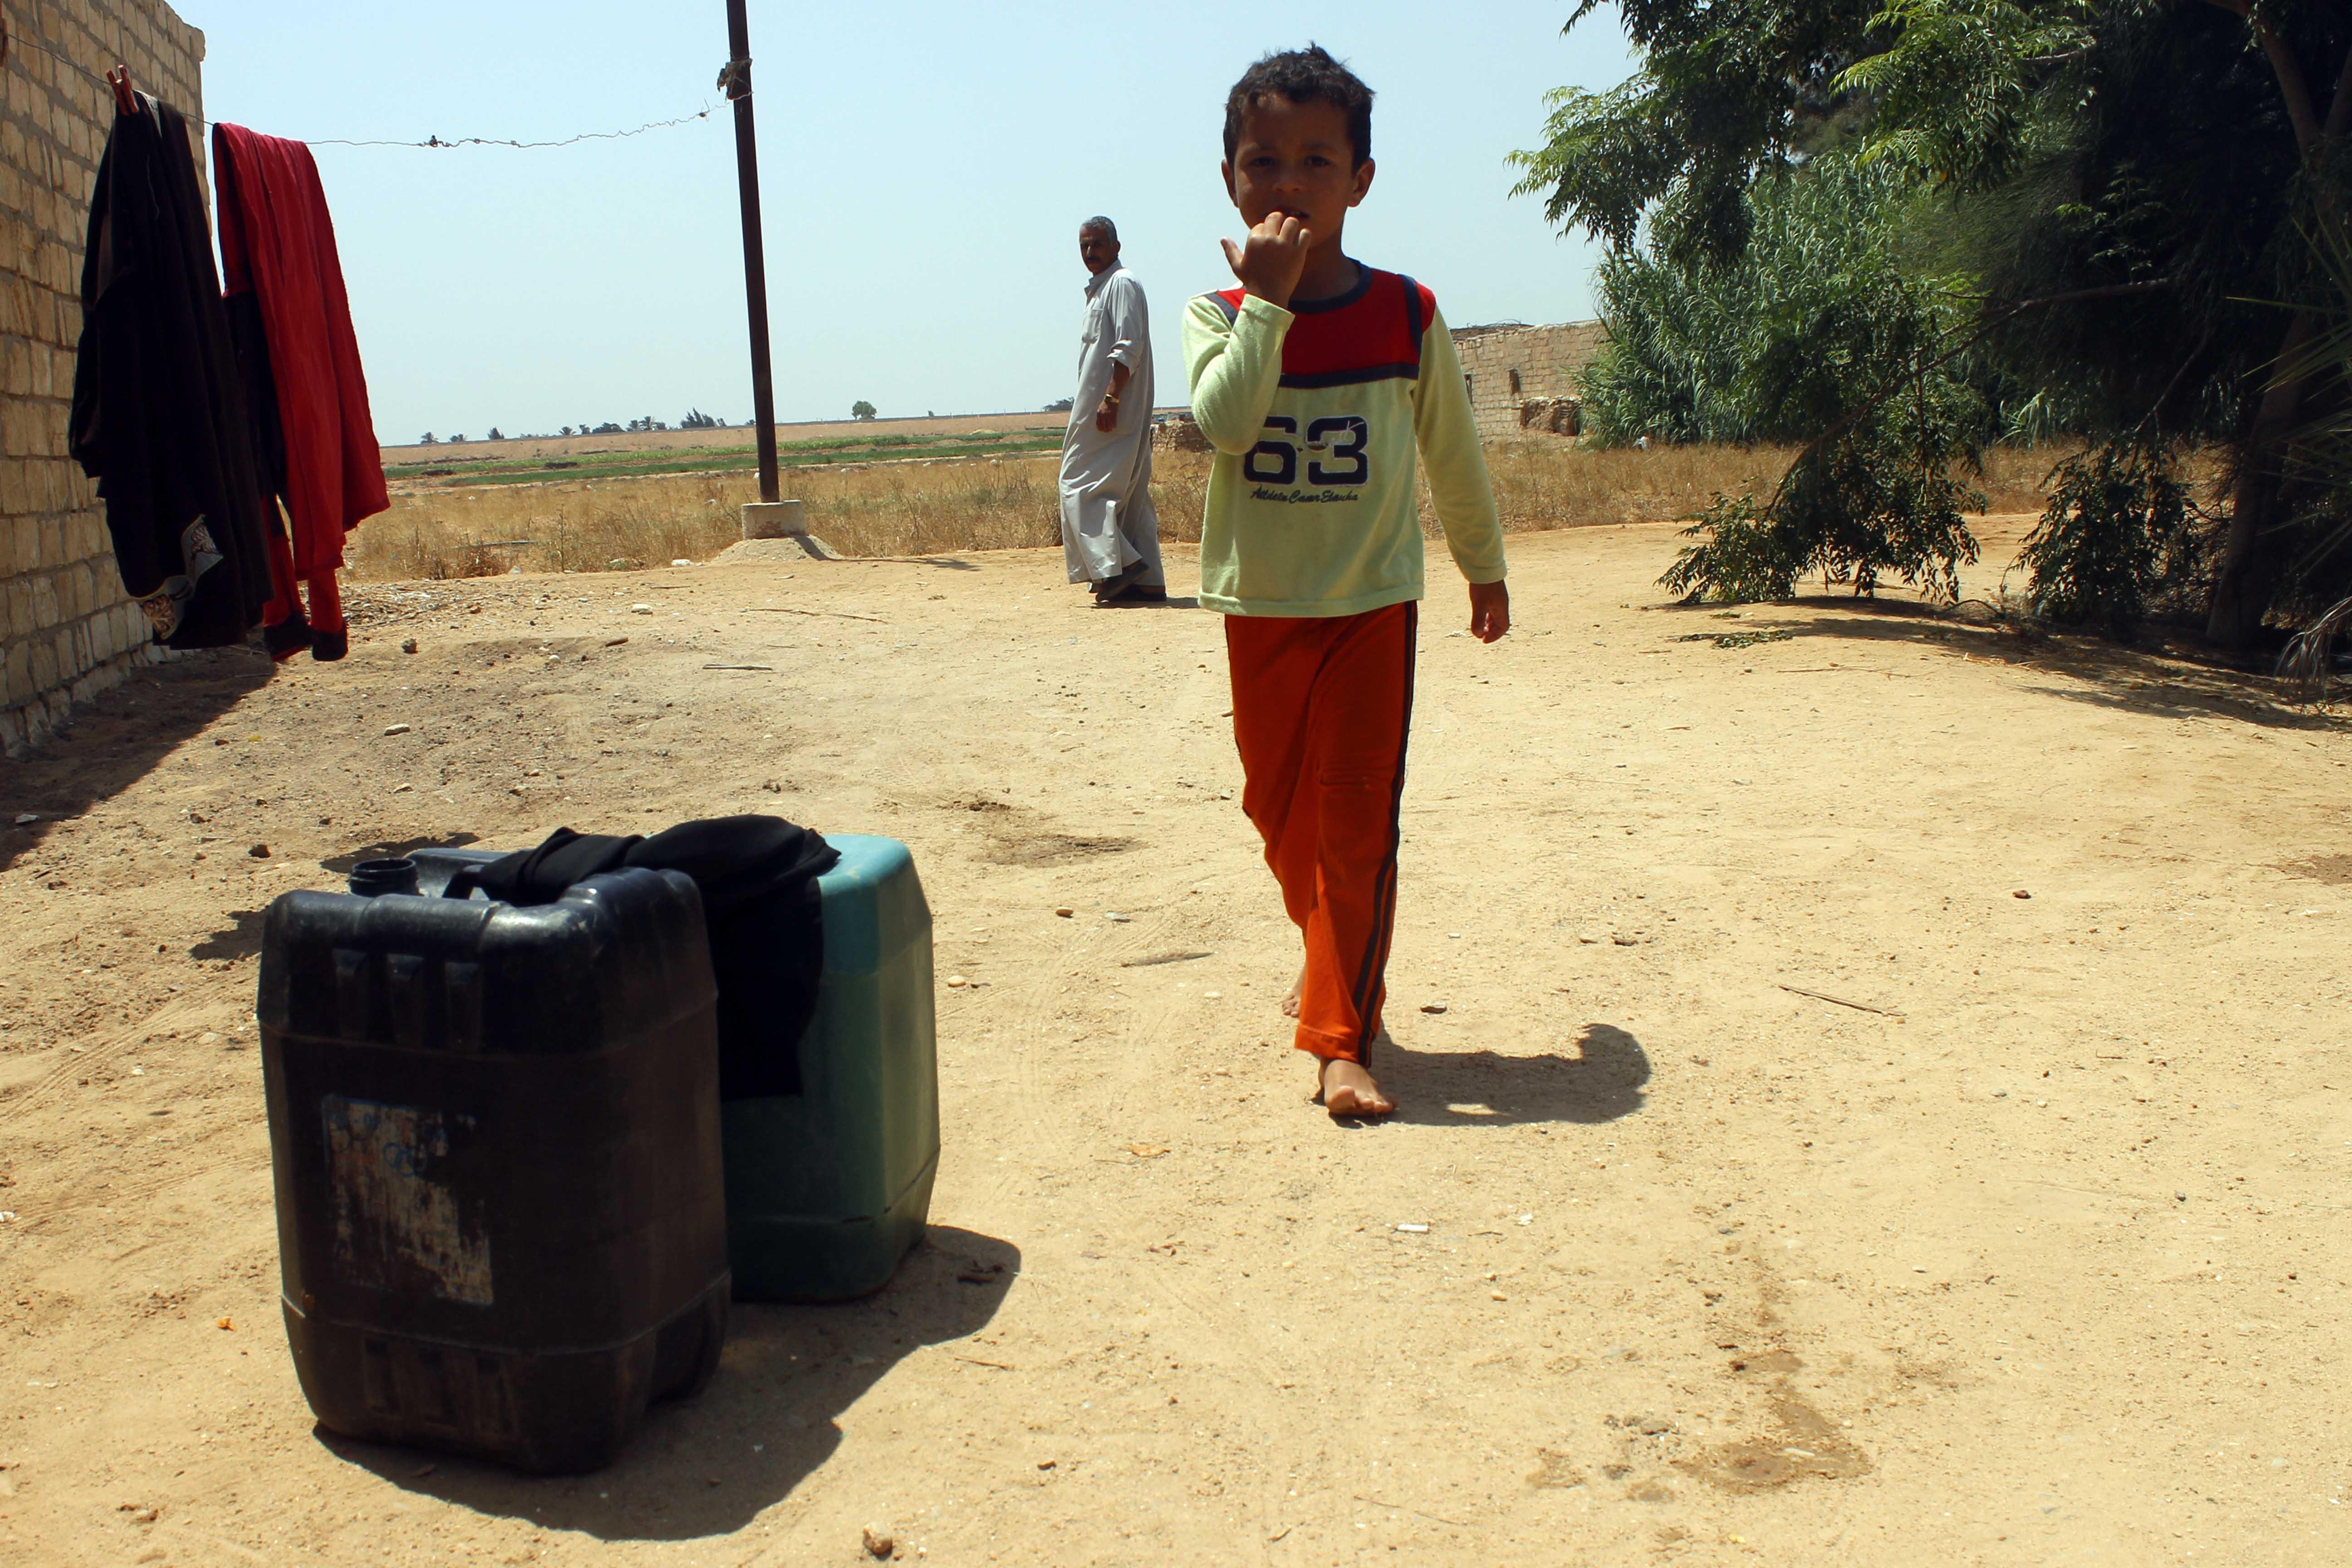 قري  تعيش بدون مياه  شرب  لأربعة أشهر  - تصوير  محمد عوض  (7)